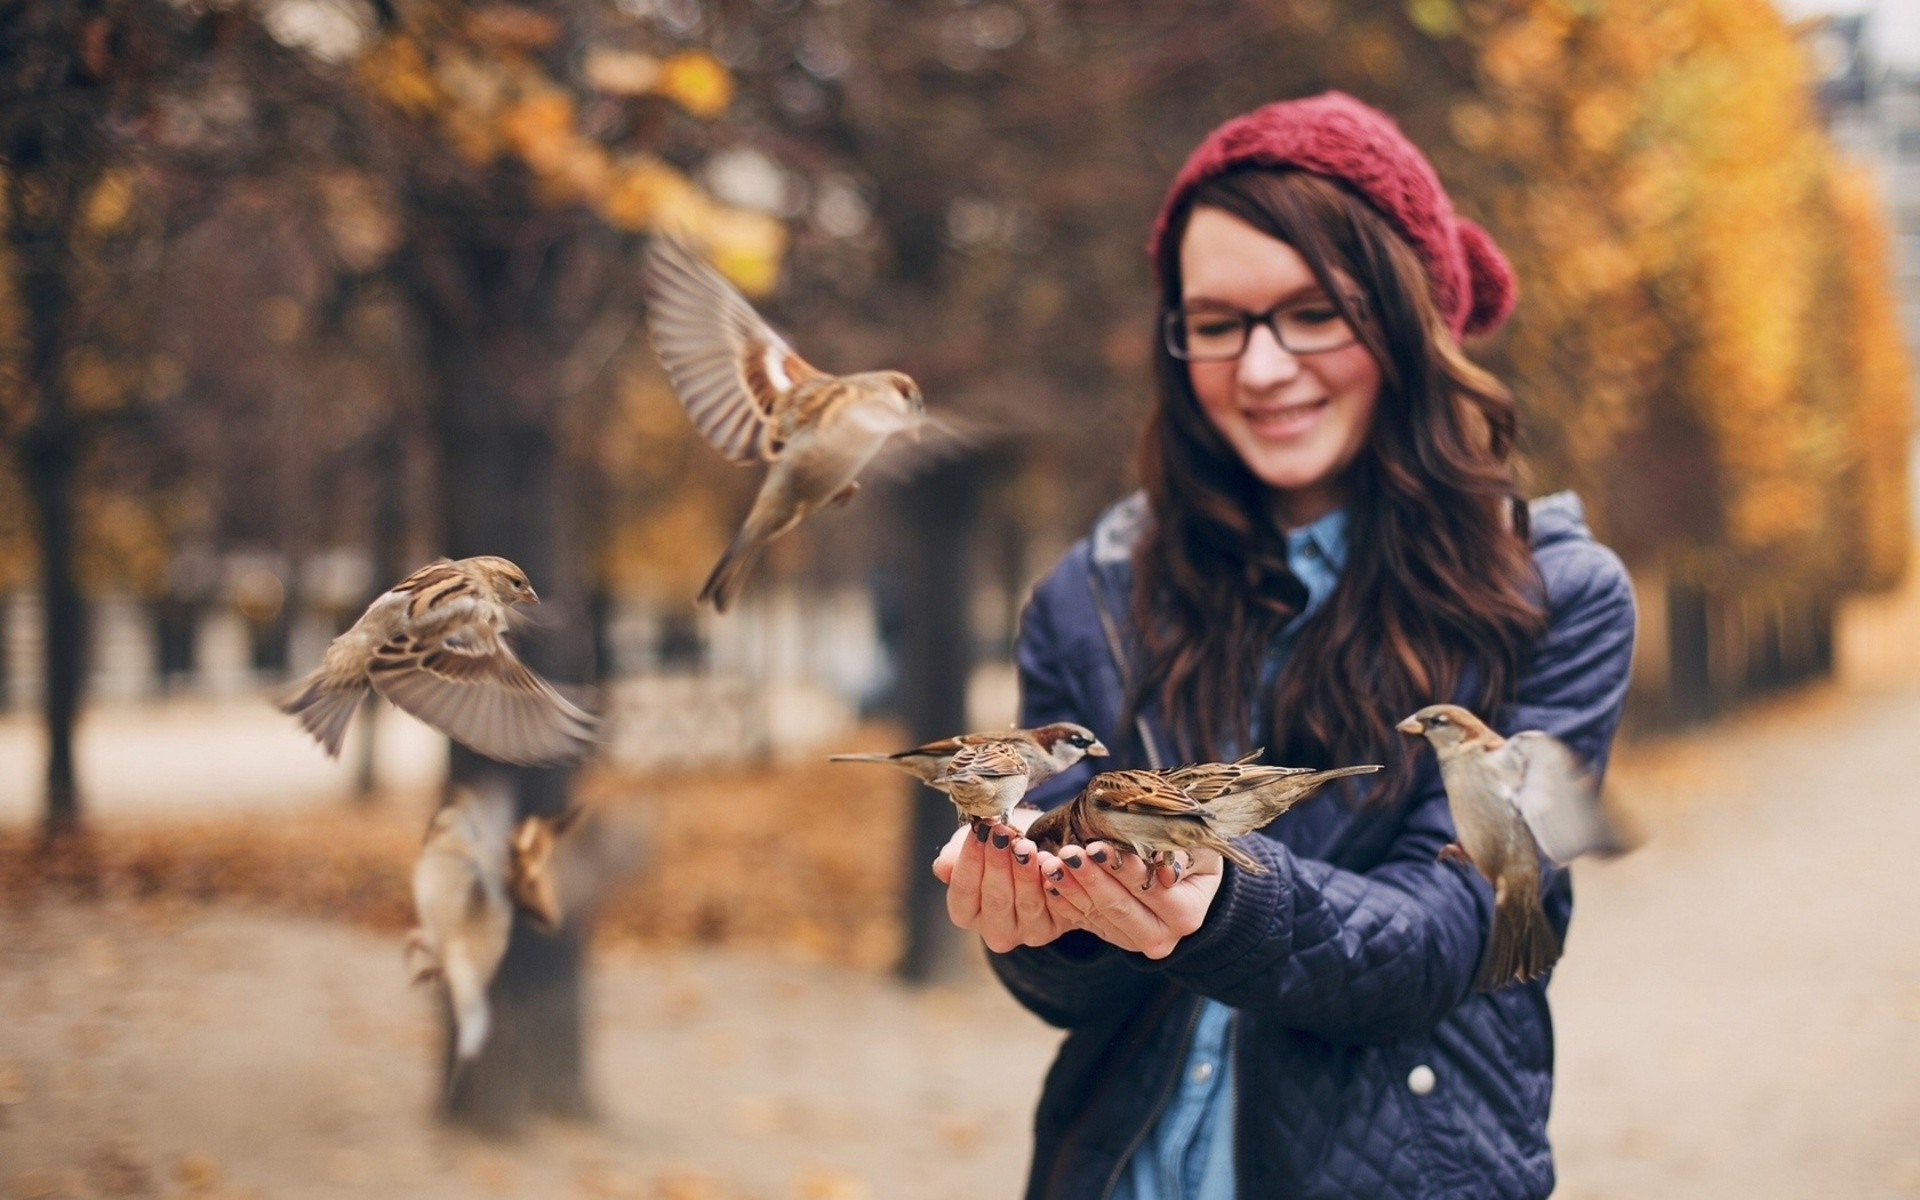 Girl Birds Sparrows Photo HD Wallpaper